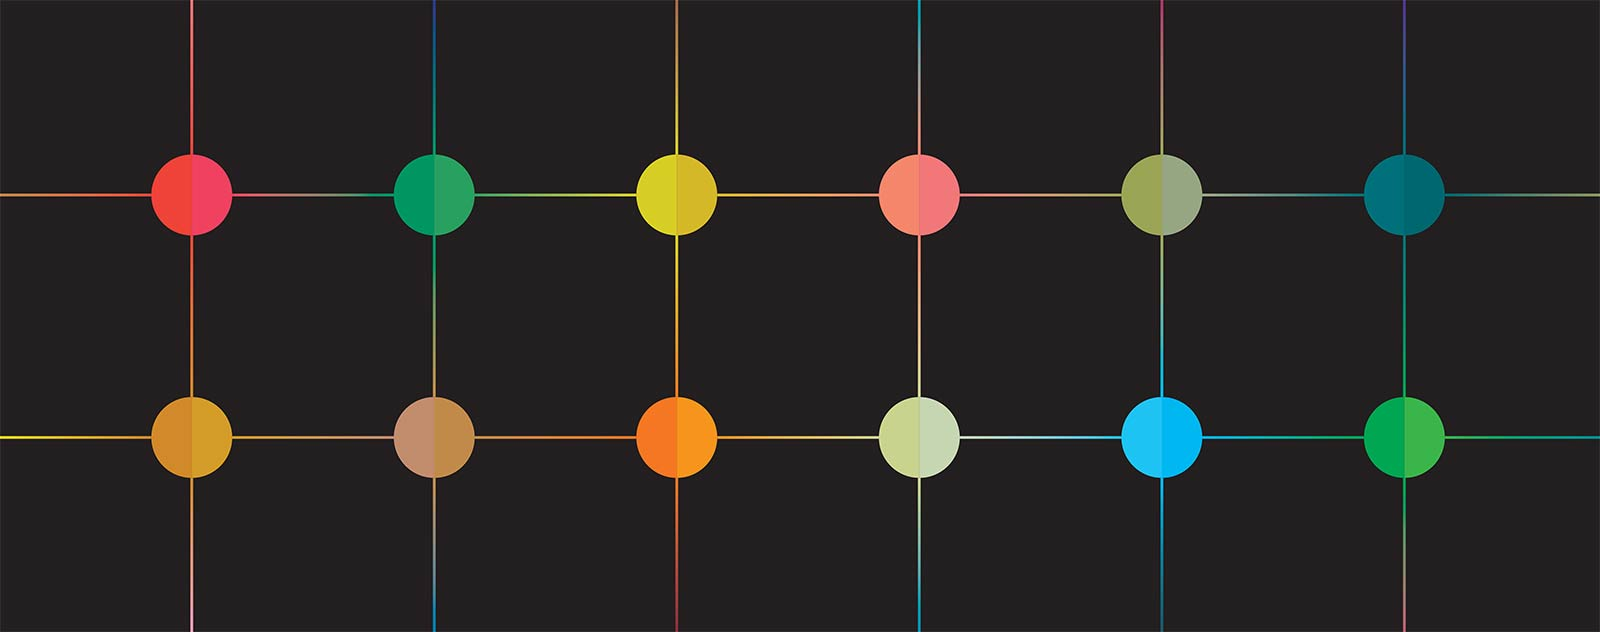 dots-gradients-1-detail